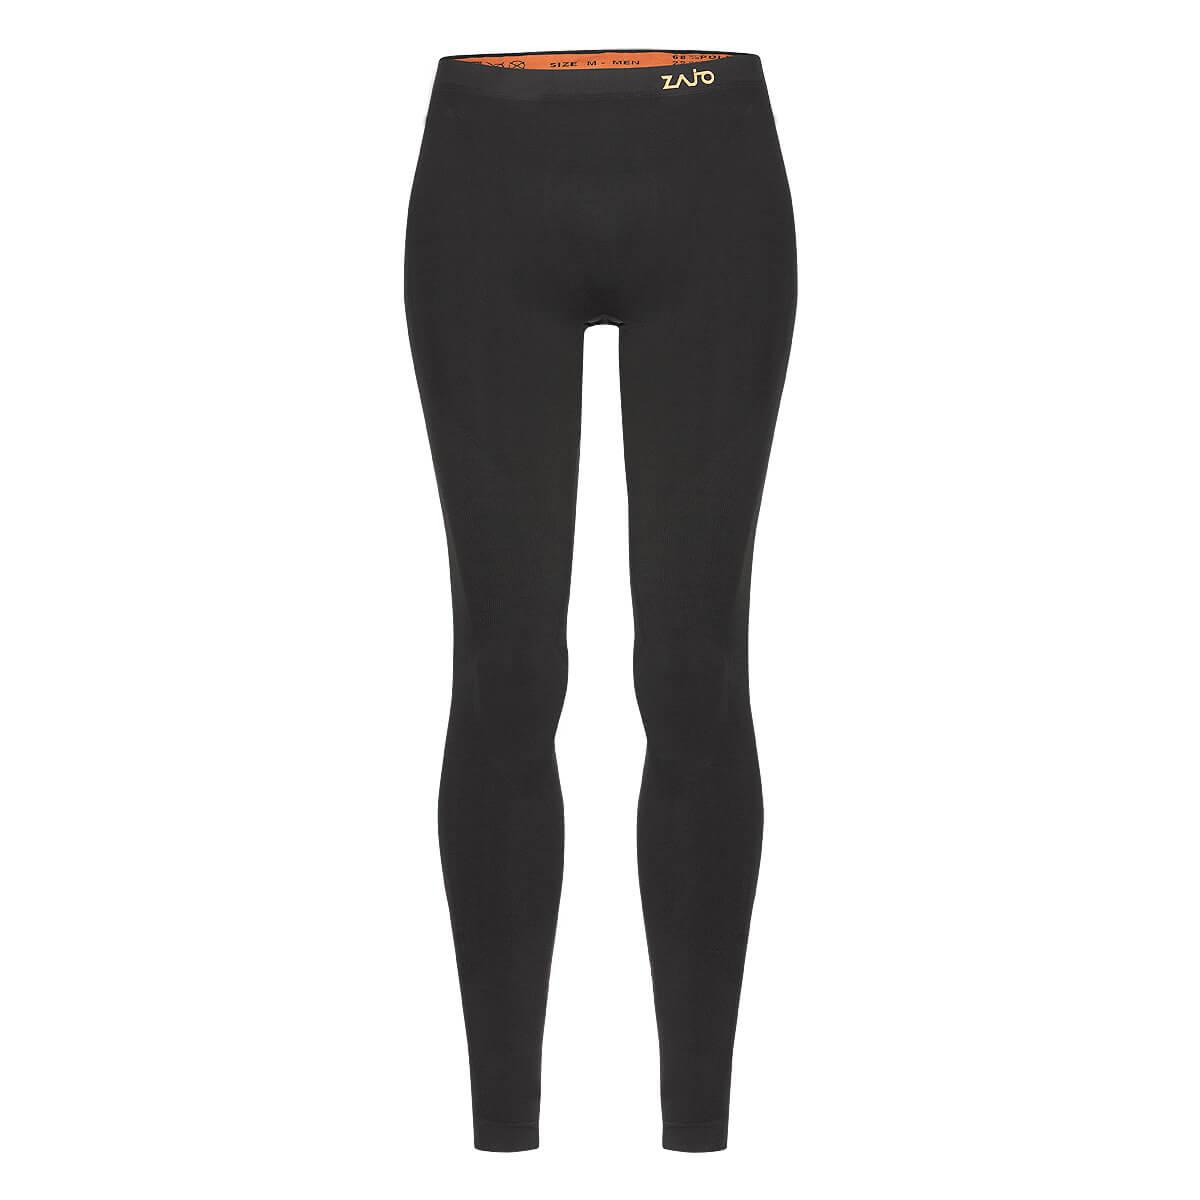 Pánske spodné prádlo Zajo Contour M Pants Black - veľkosť S